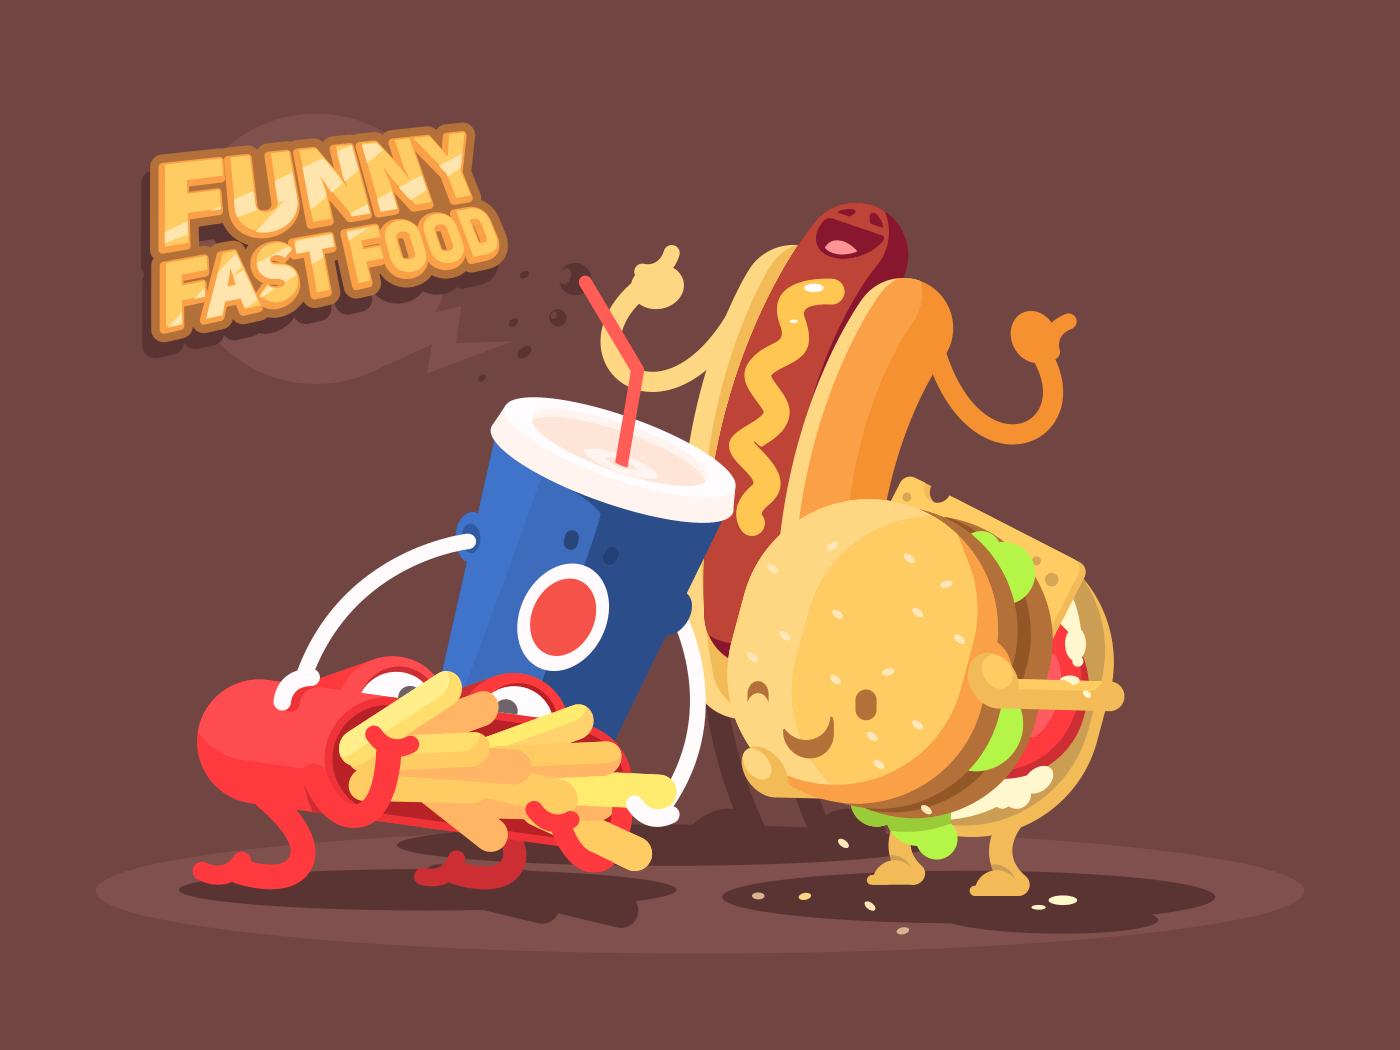 Funny fast food illustration